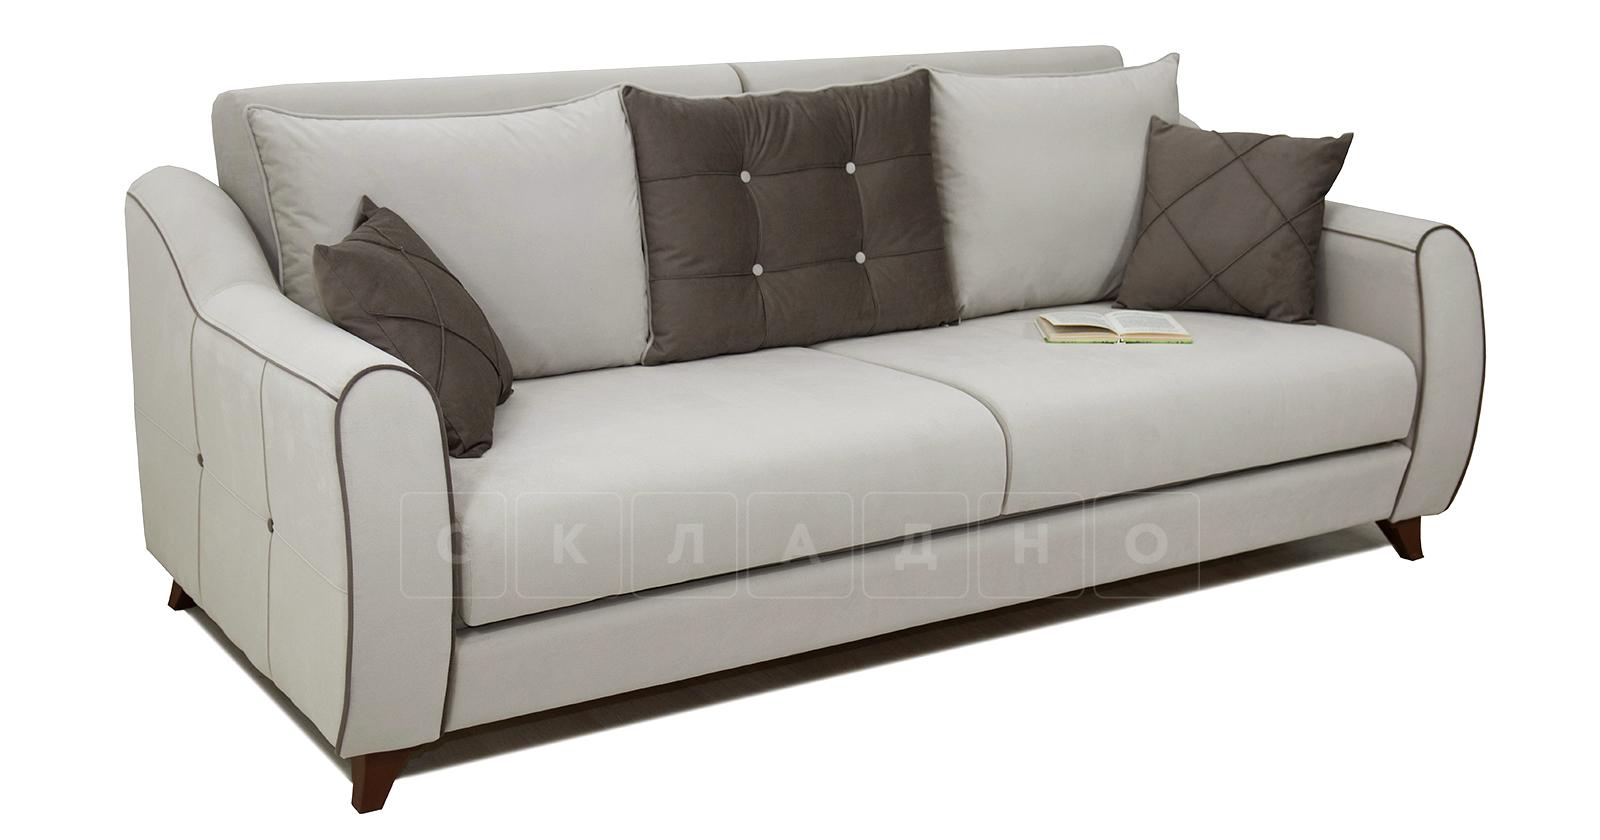 Диван-кровать Флэтфорд серо-бежевый фото 6 | интернет-магазин Складно